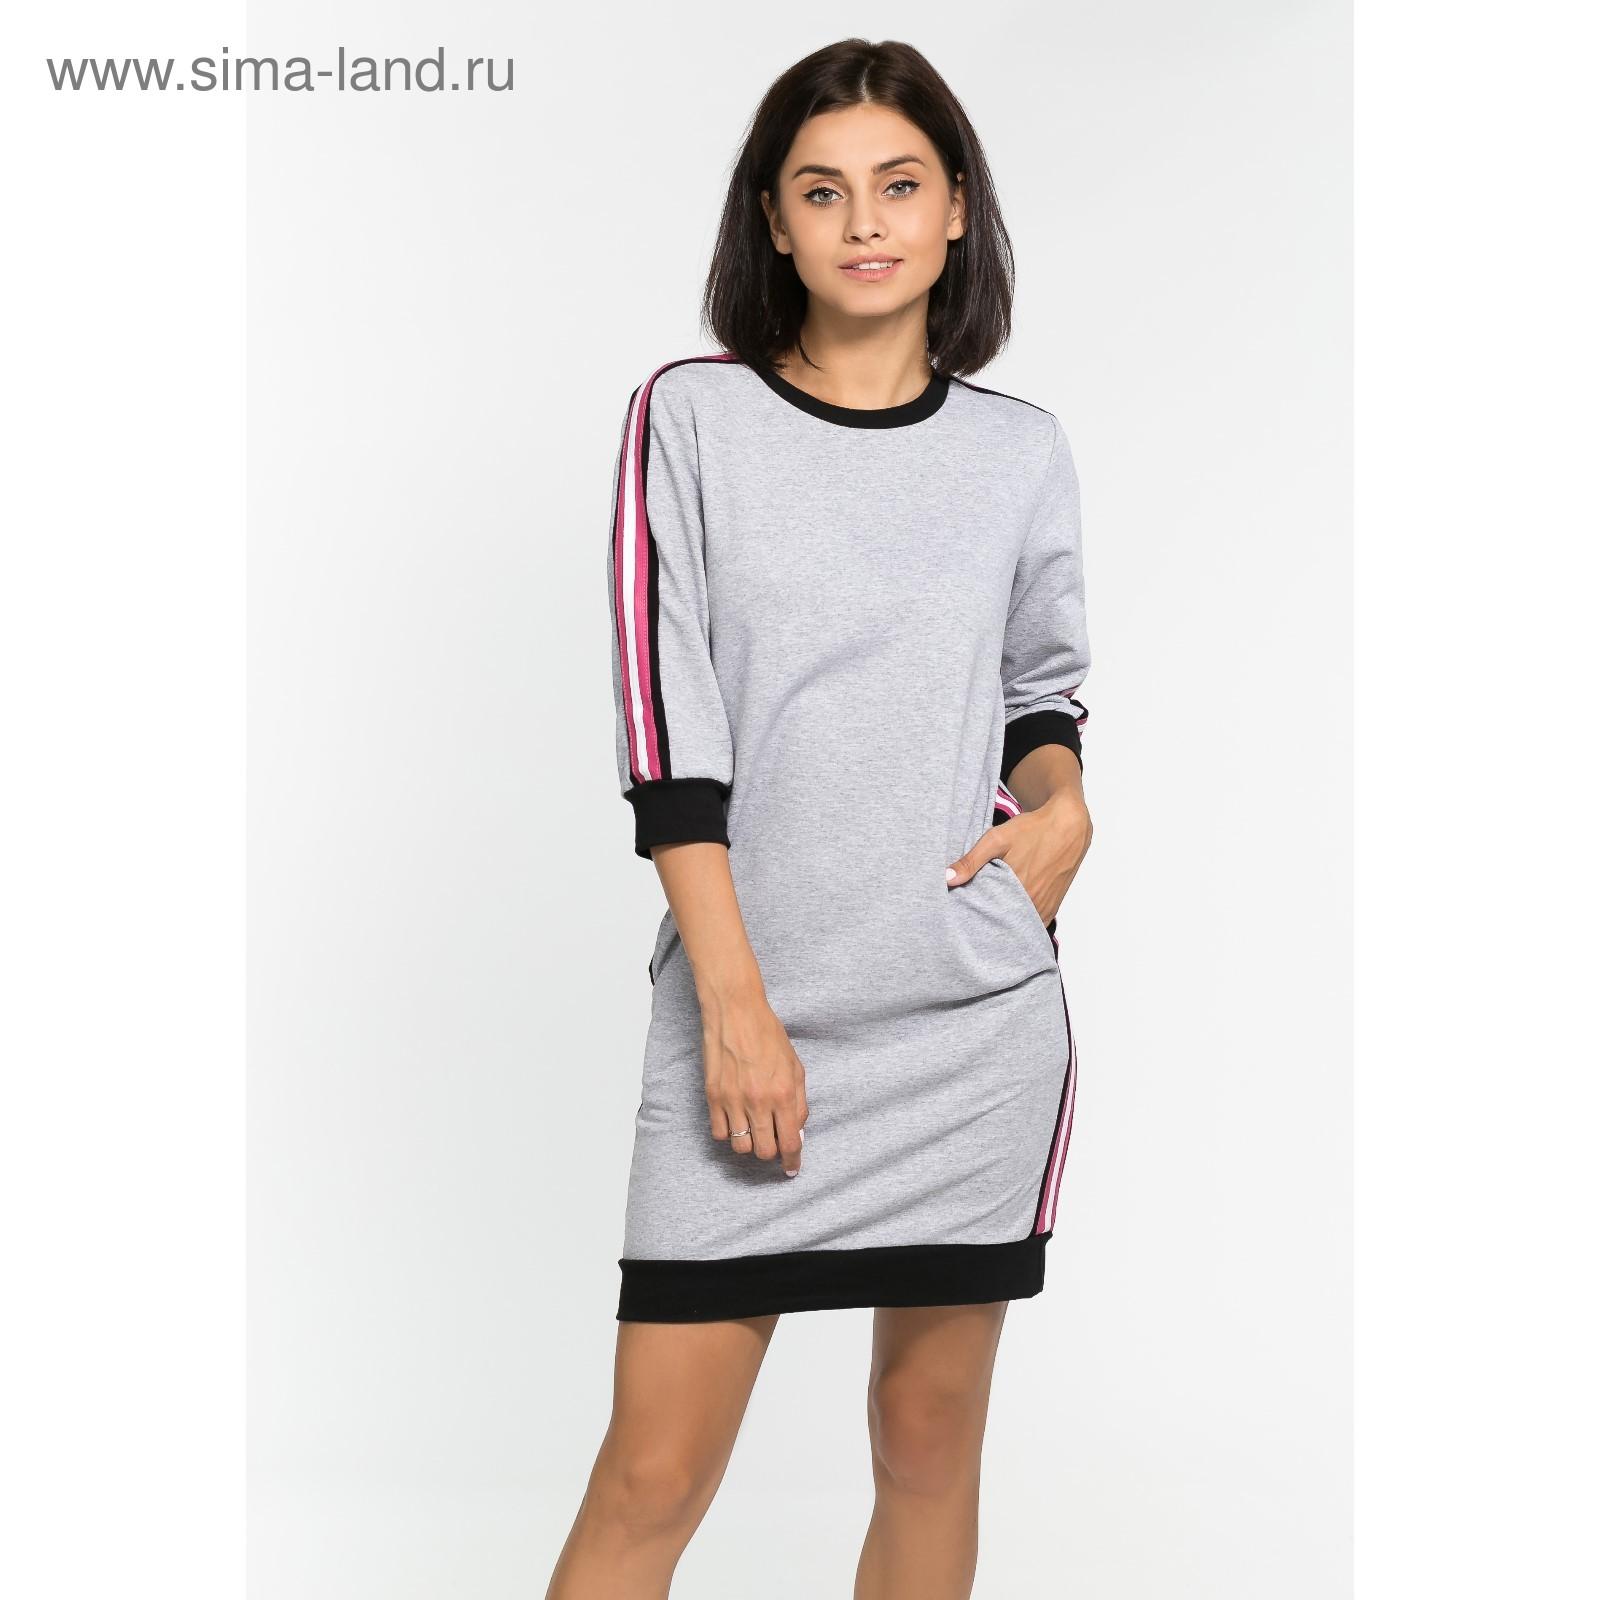 Платье с лампасами MINAKU 8e9dbd5441844